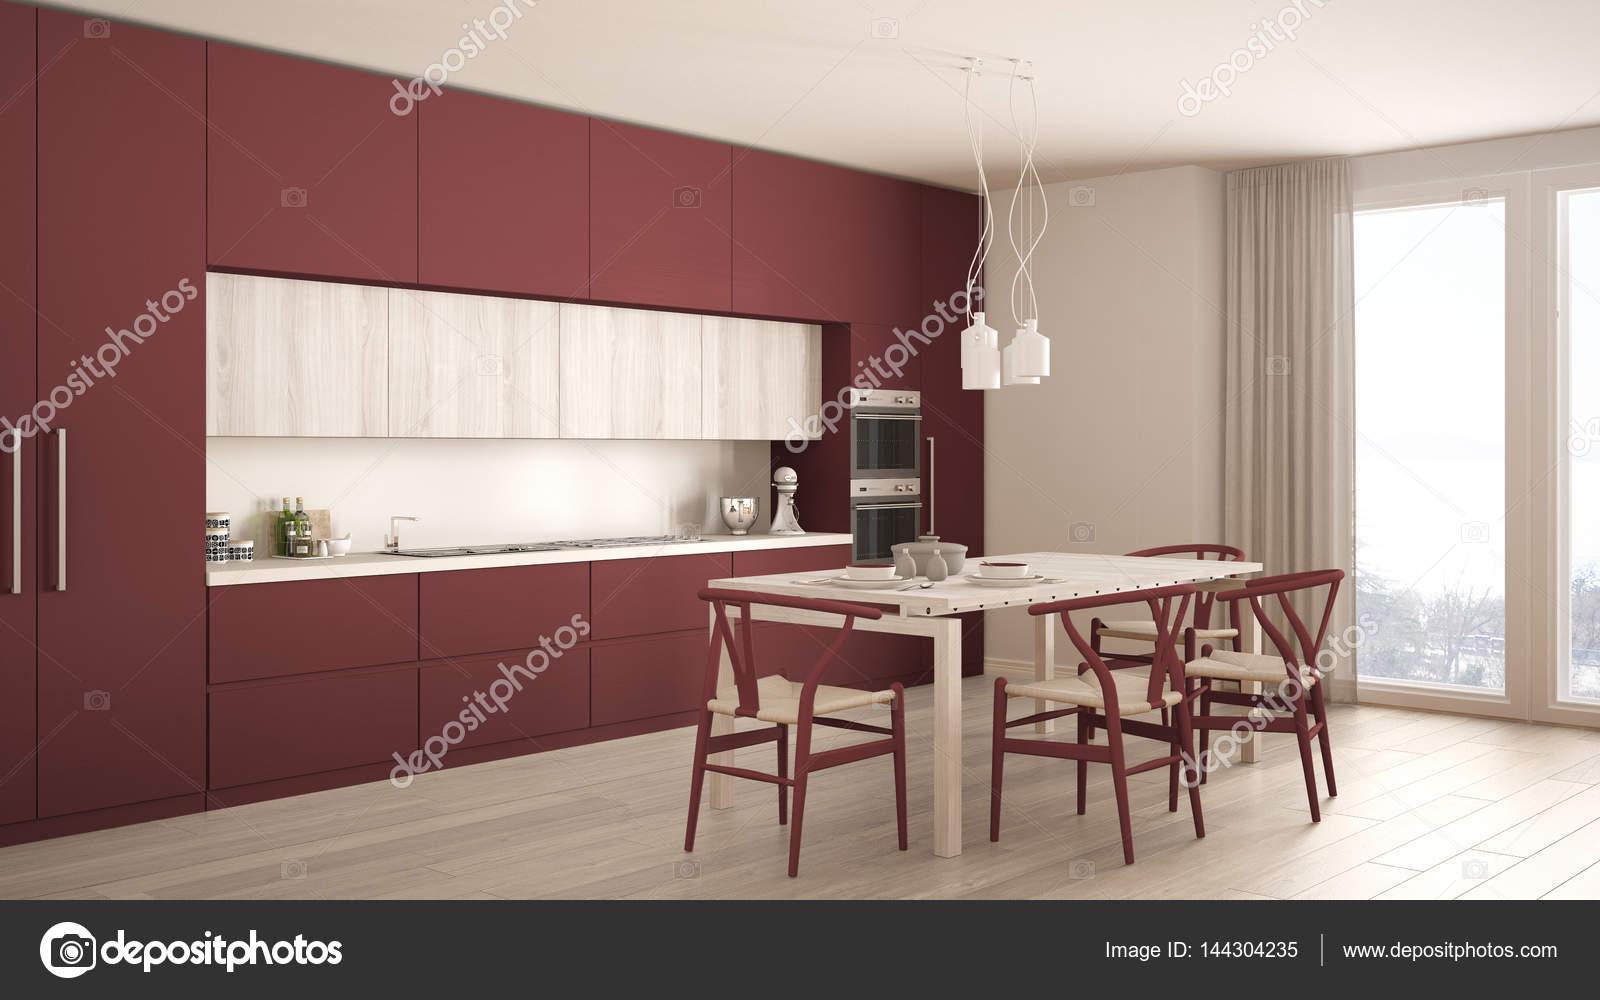 Cucina rossa minimal moderno con pavimento in legno, classico d ...